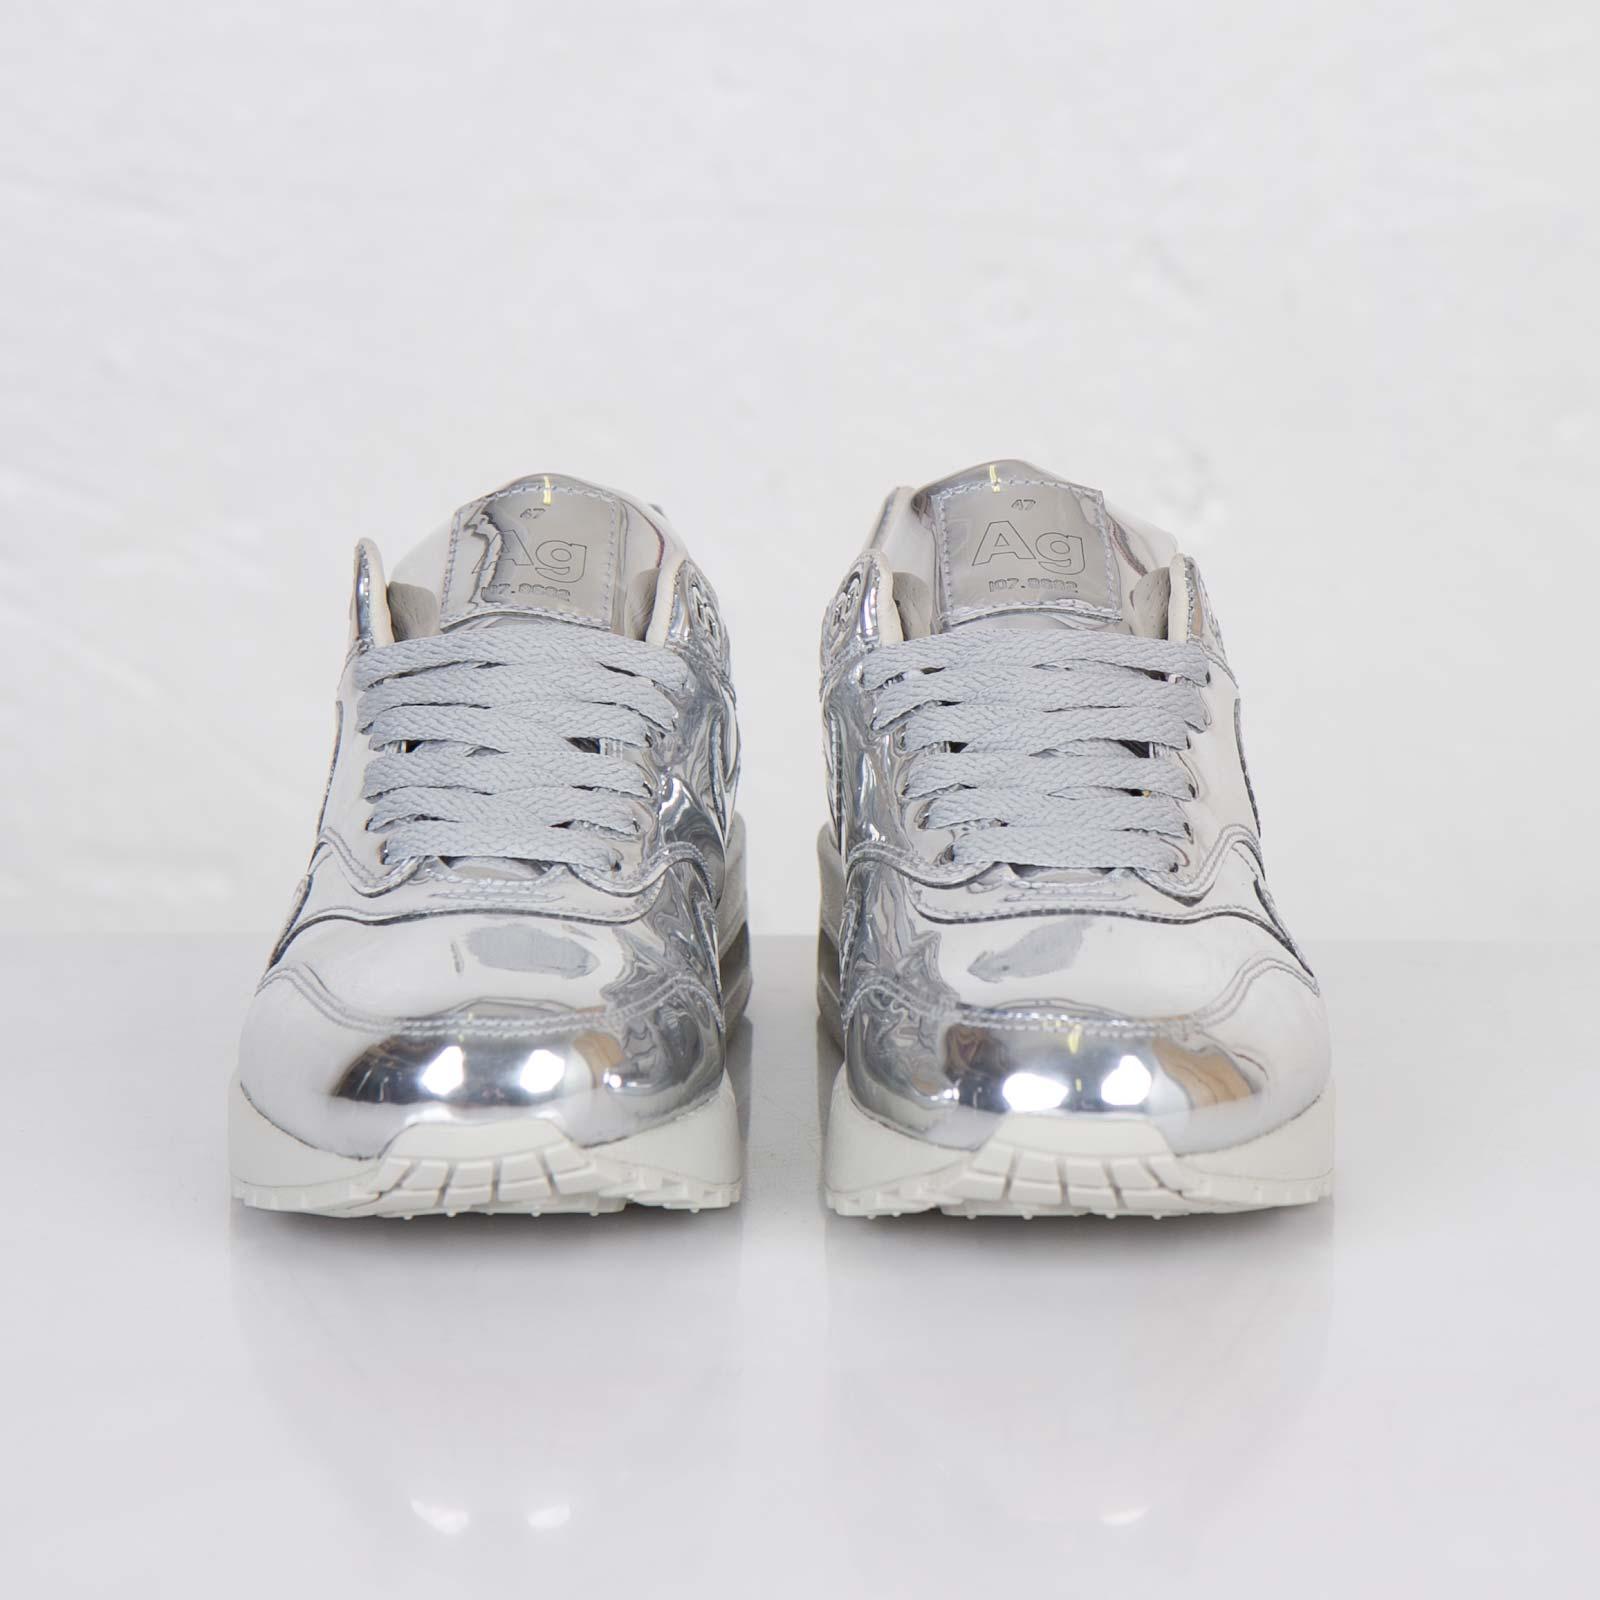 78c036c7 Nike Wmns Air Max 1 SP - 616170-090 - Sneakersnstuff   sneakers &  streetwear online since 1999